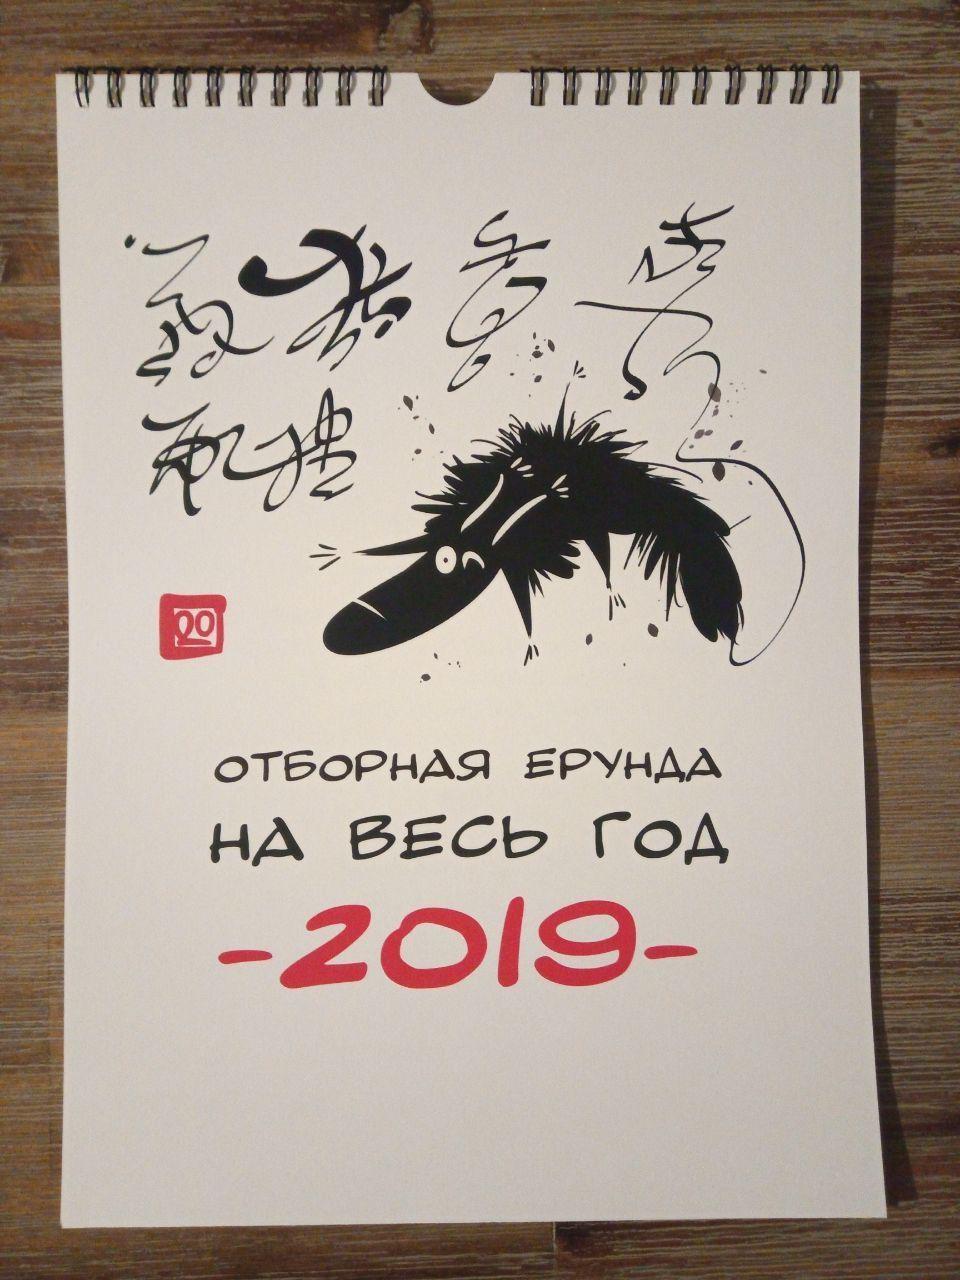 """Календарь """"Отборная ерунда на весь год!"""" (1 апреля 2019 - 31 марта 2020)"""